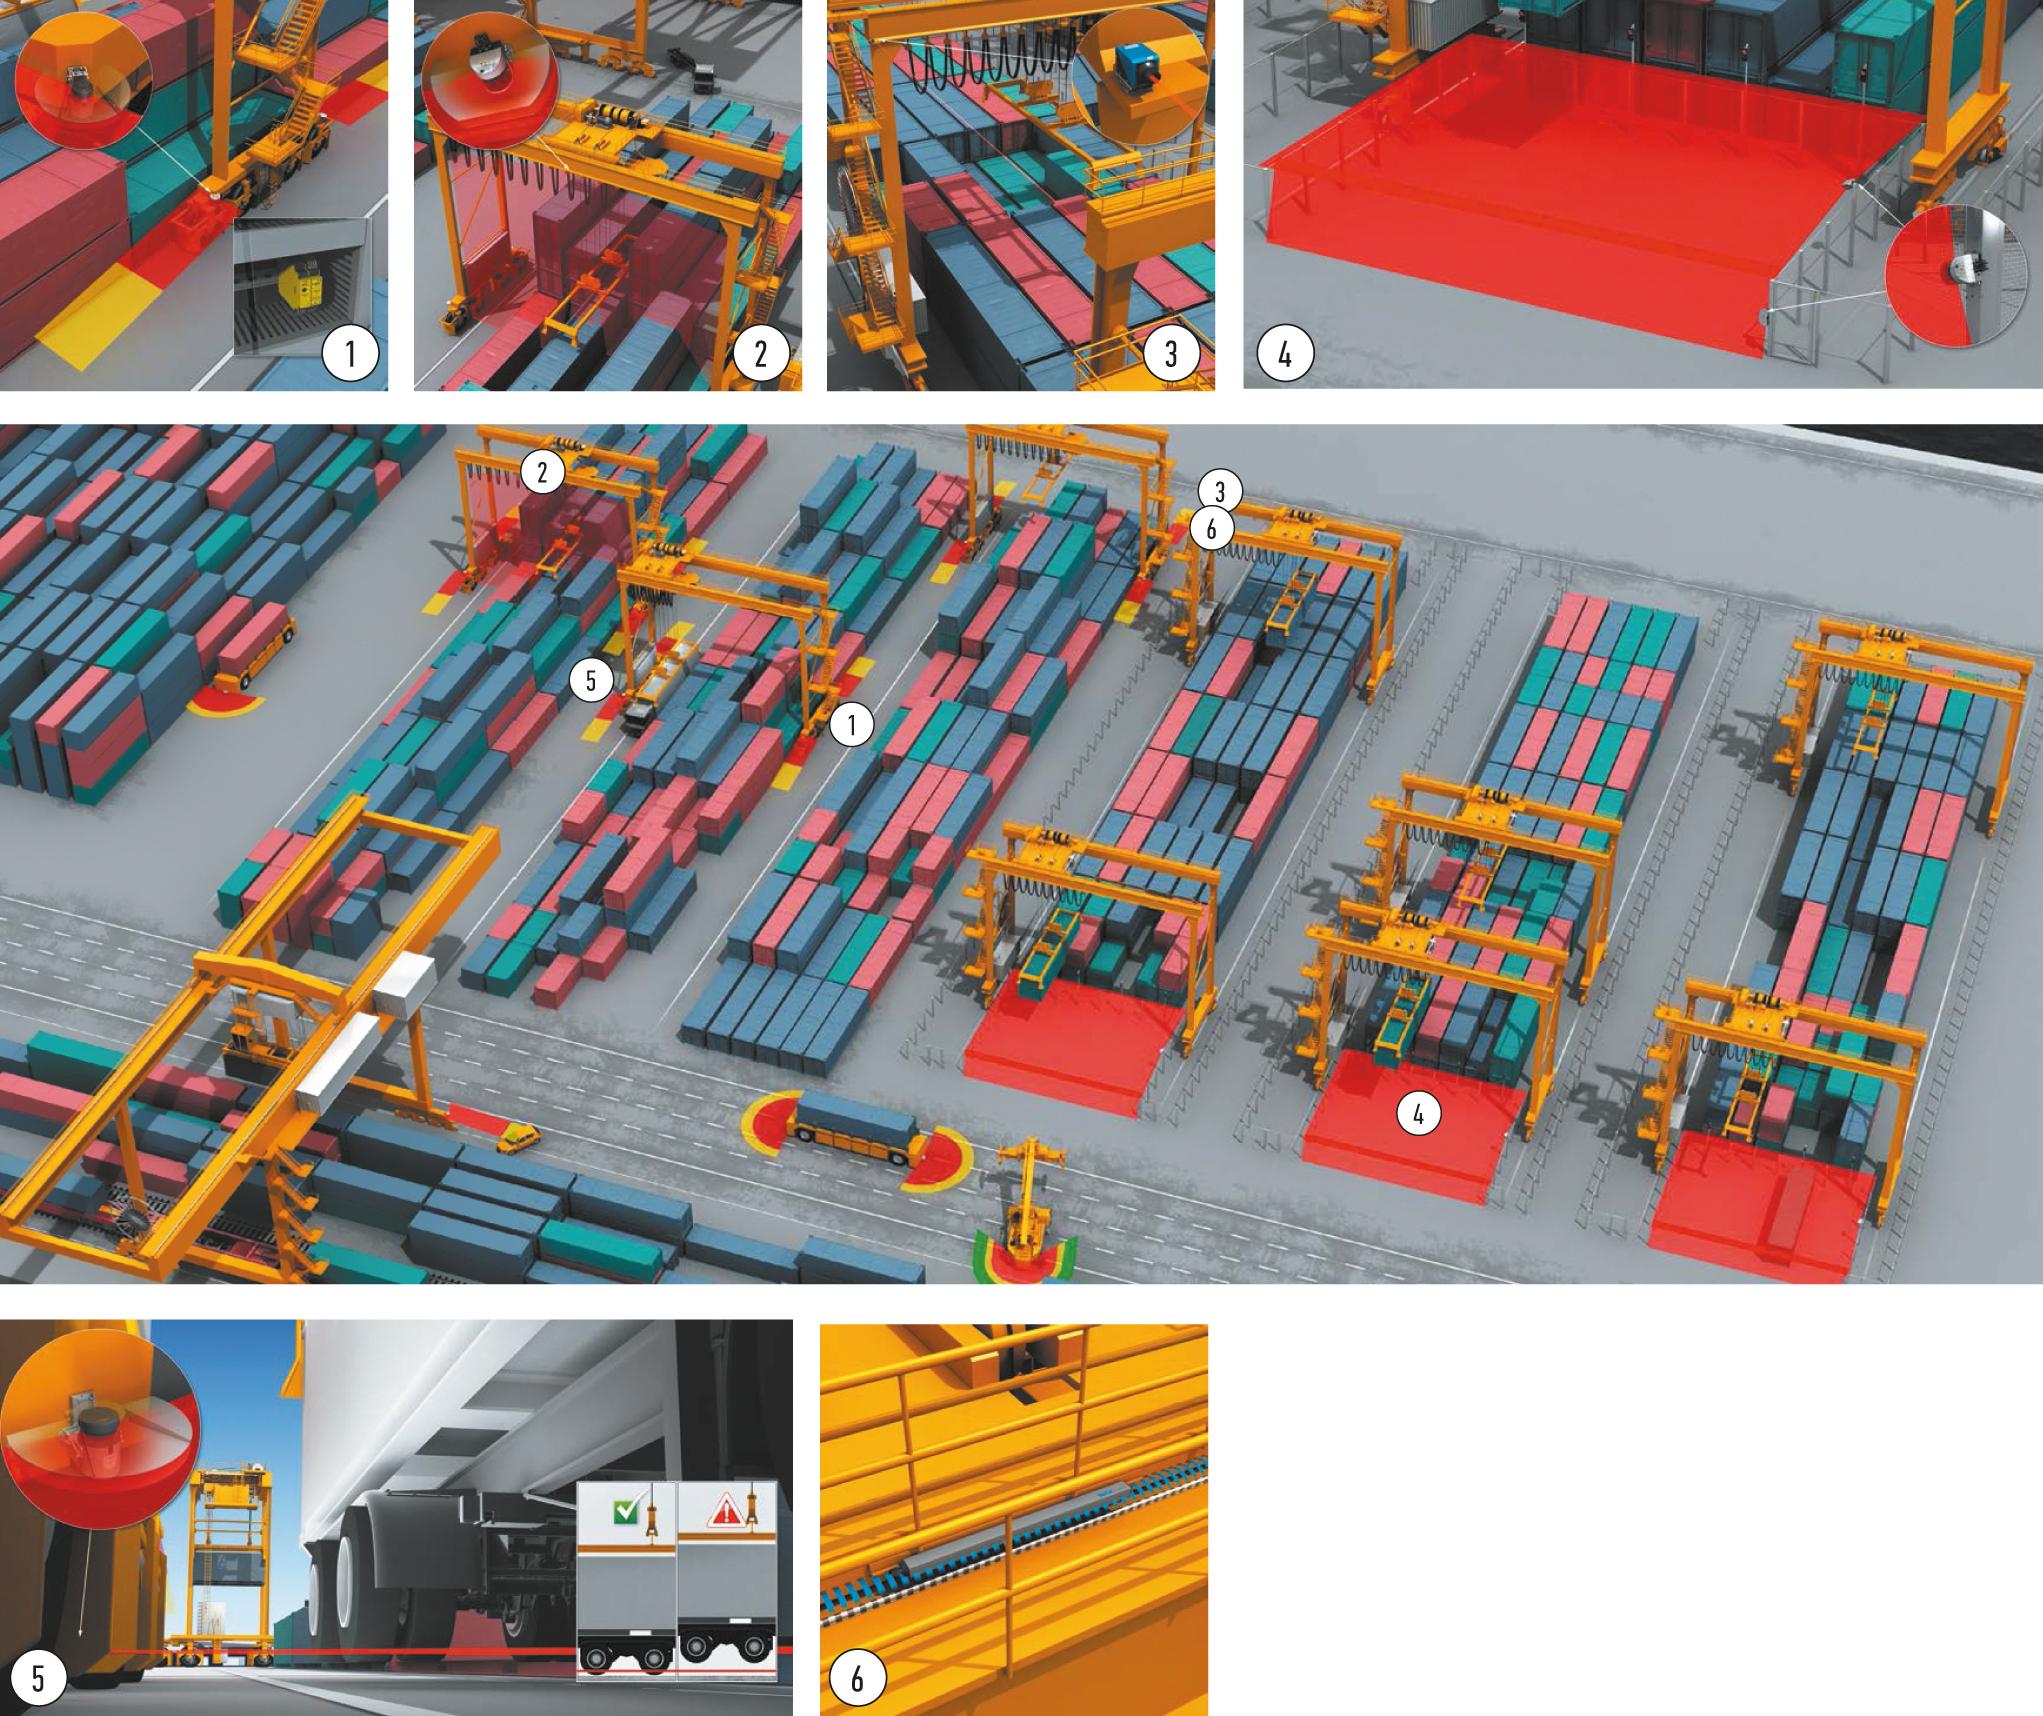 Области применения и назначение оборудования компании SICK на территории порта